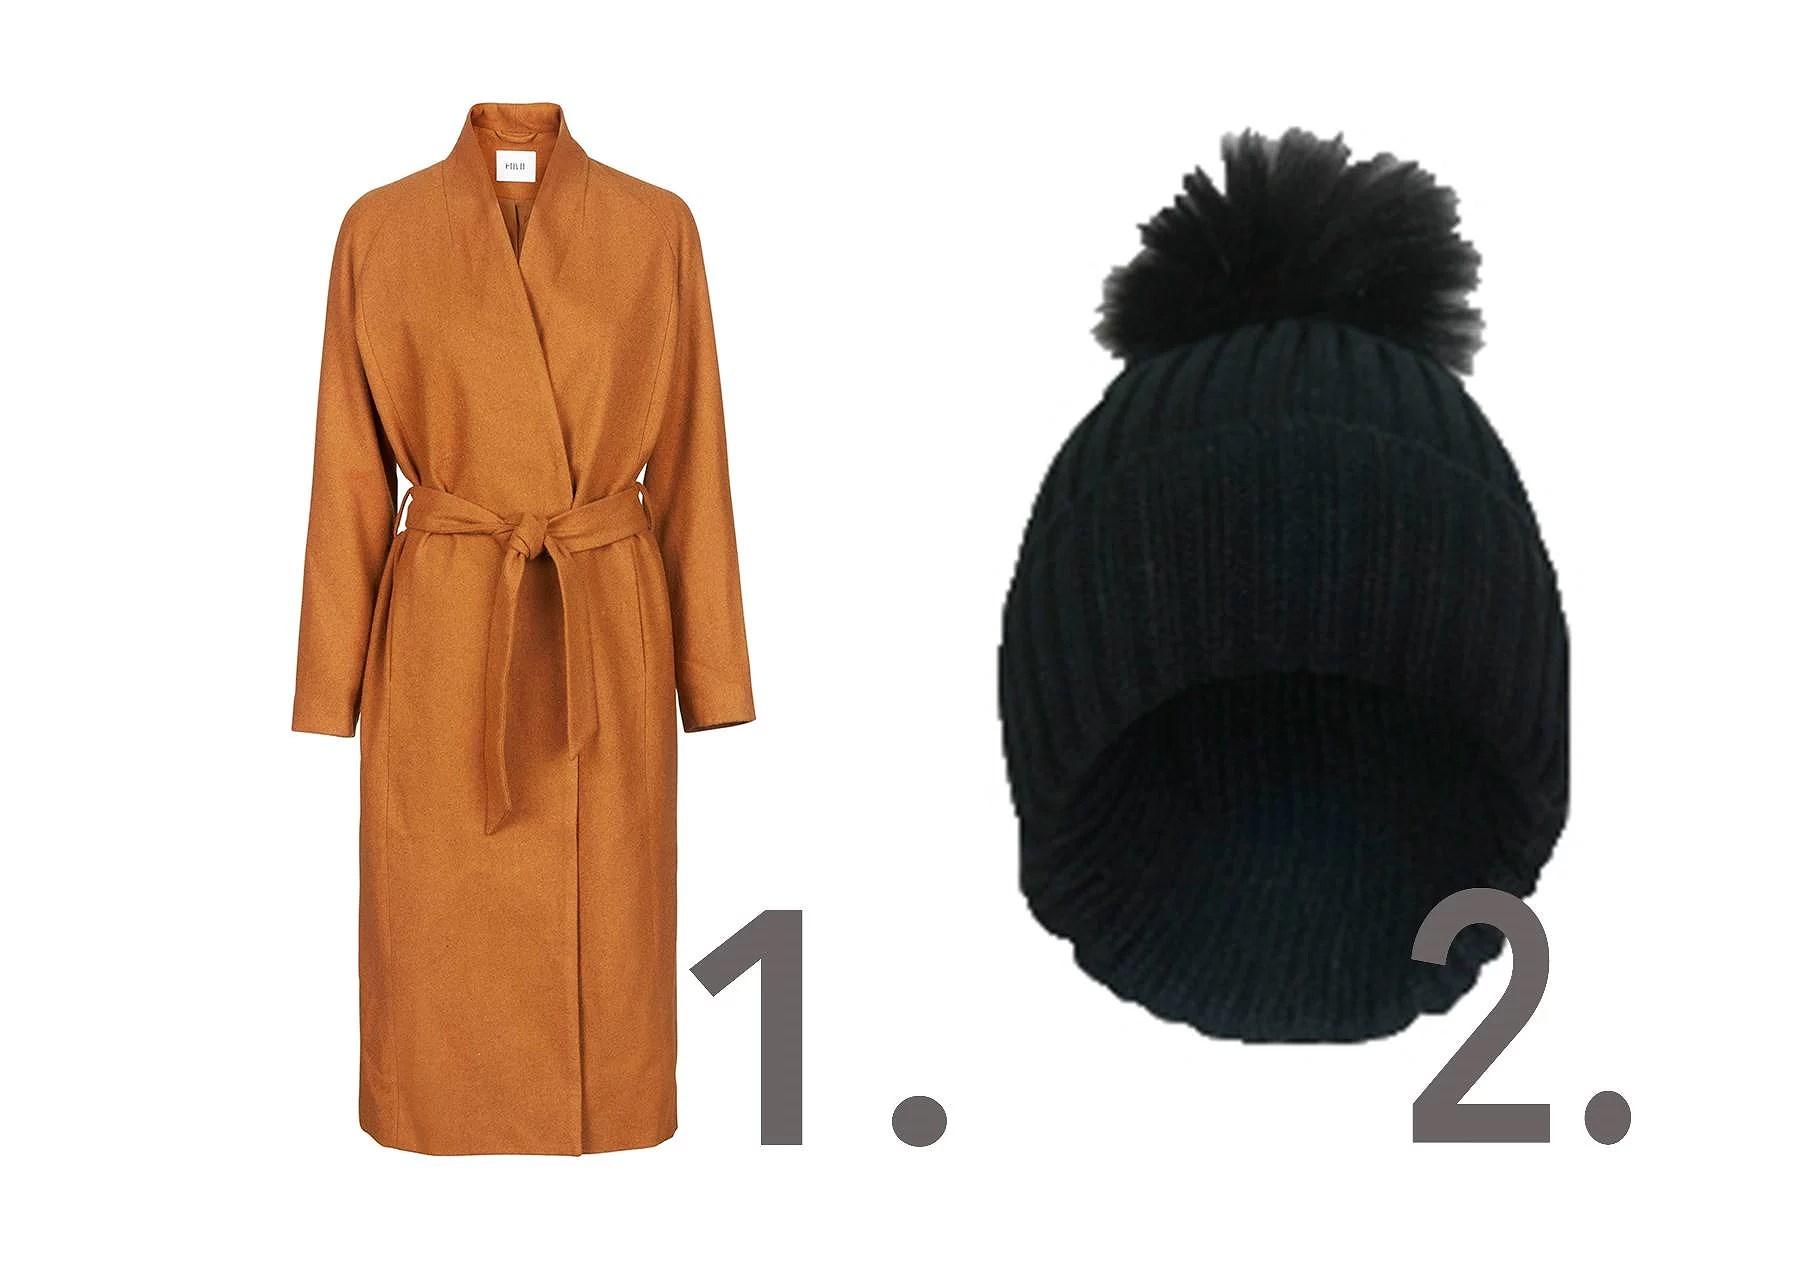 New wintercoat & furhat